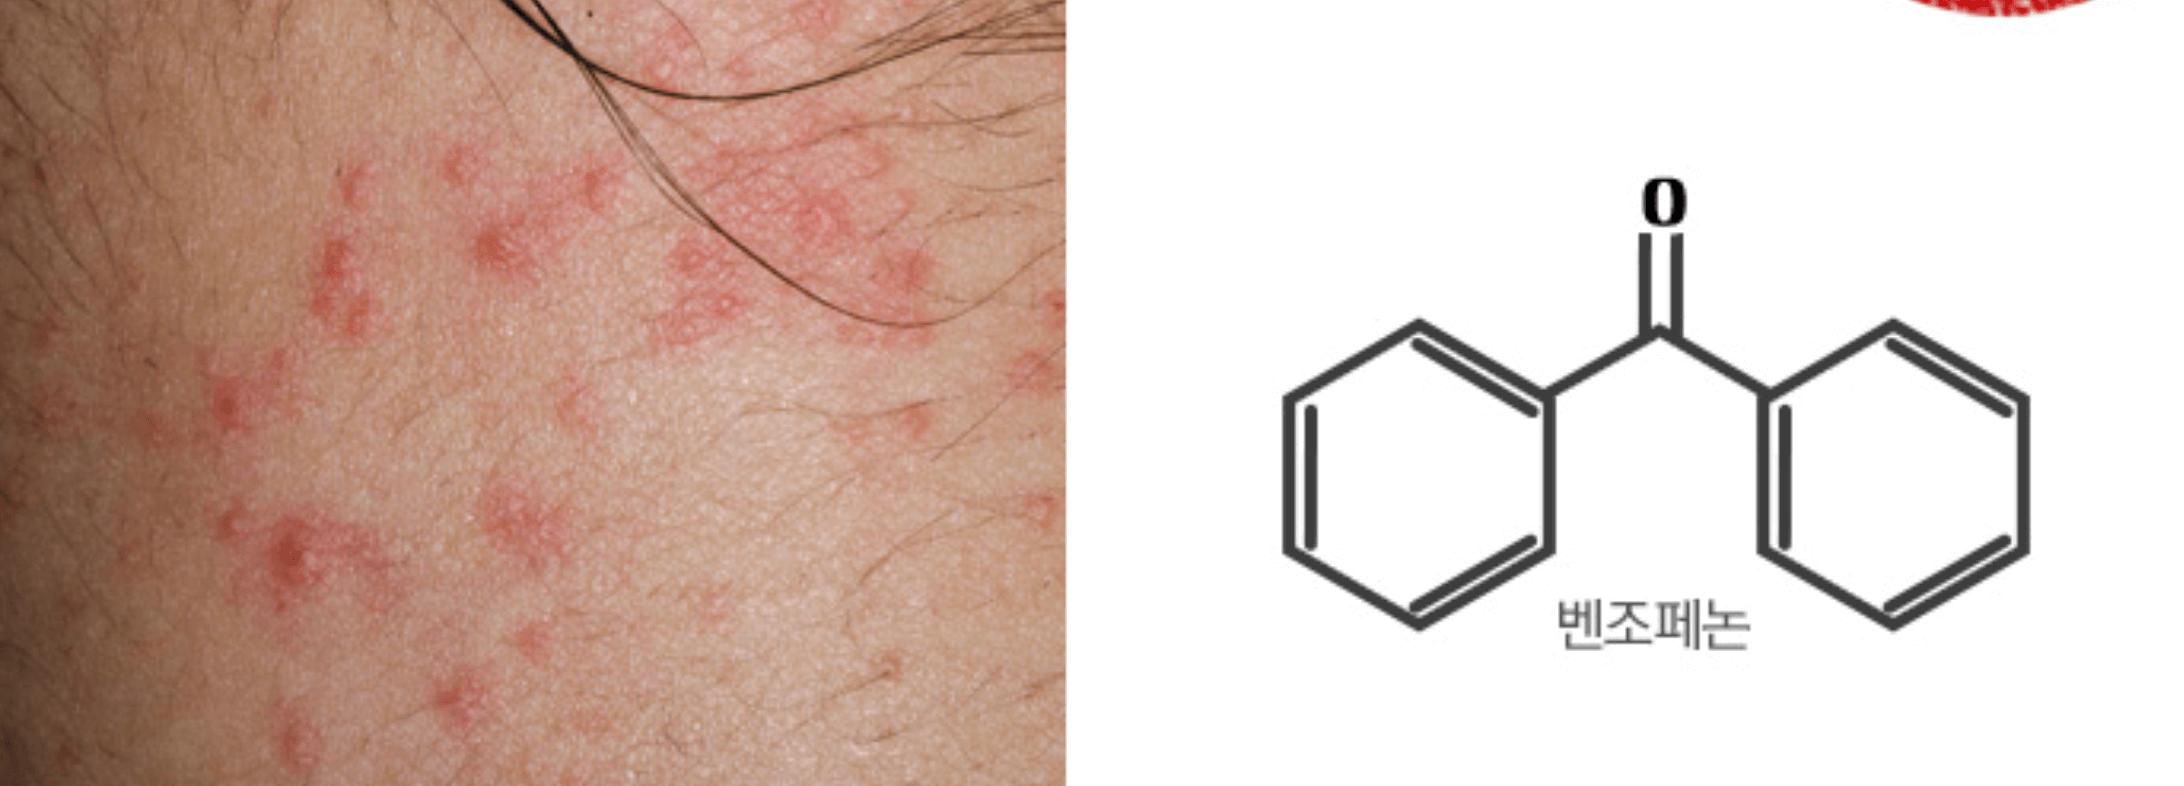 Fotos de la piel dañada por la benzofenona